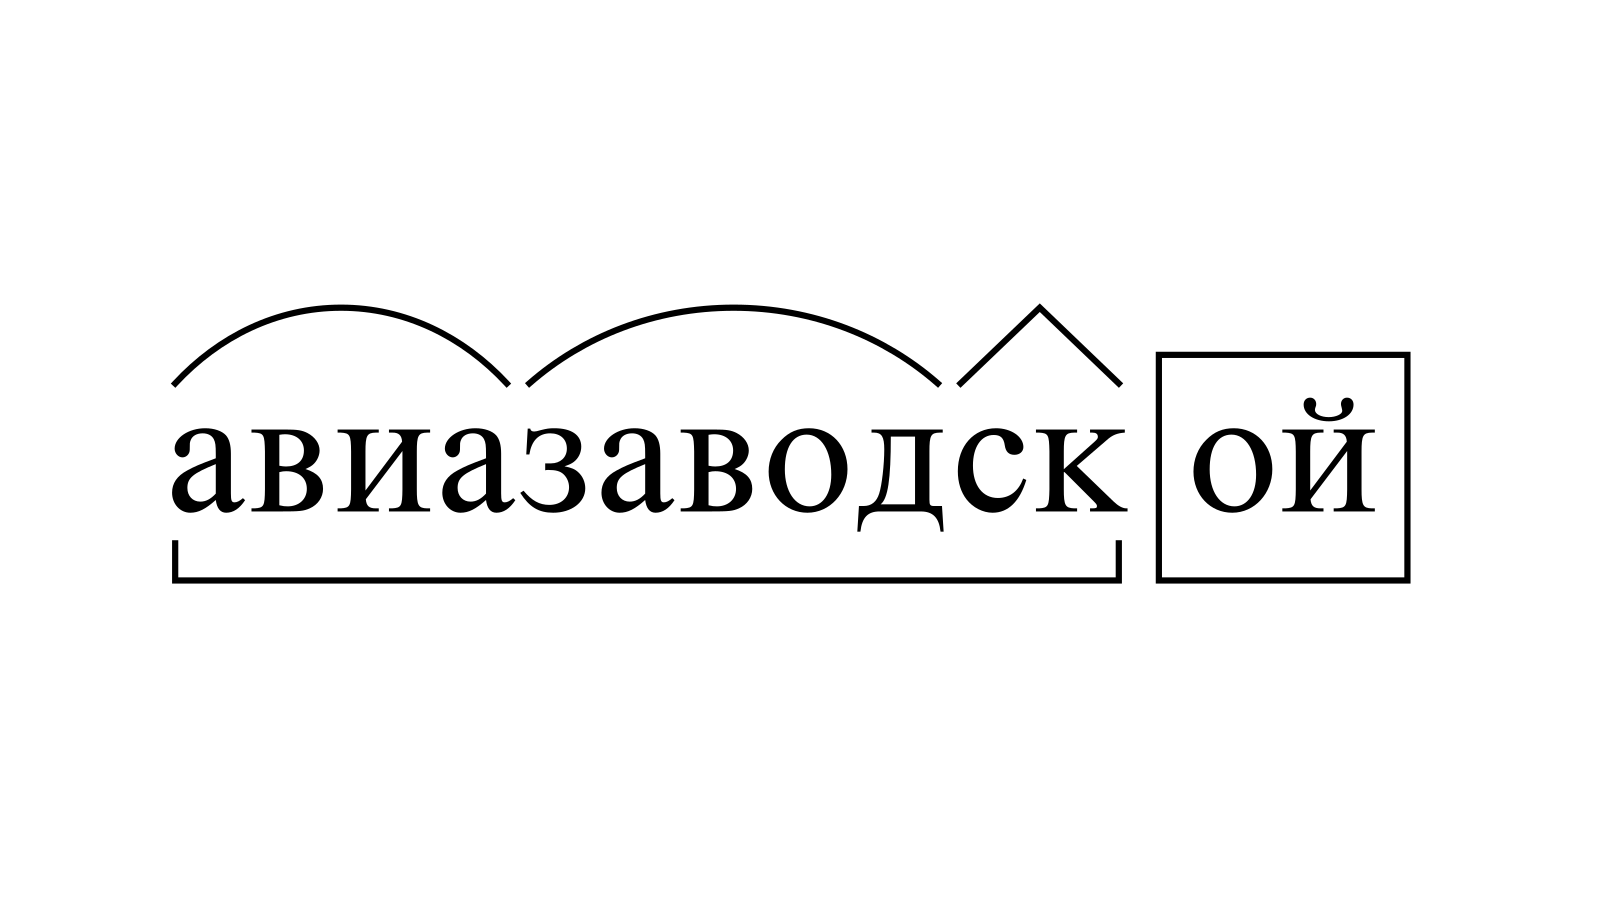 Разбор слова «авиазаводской» по составу